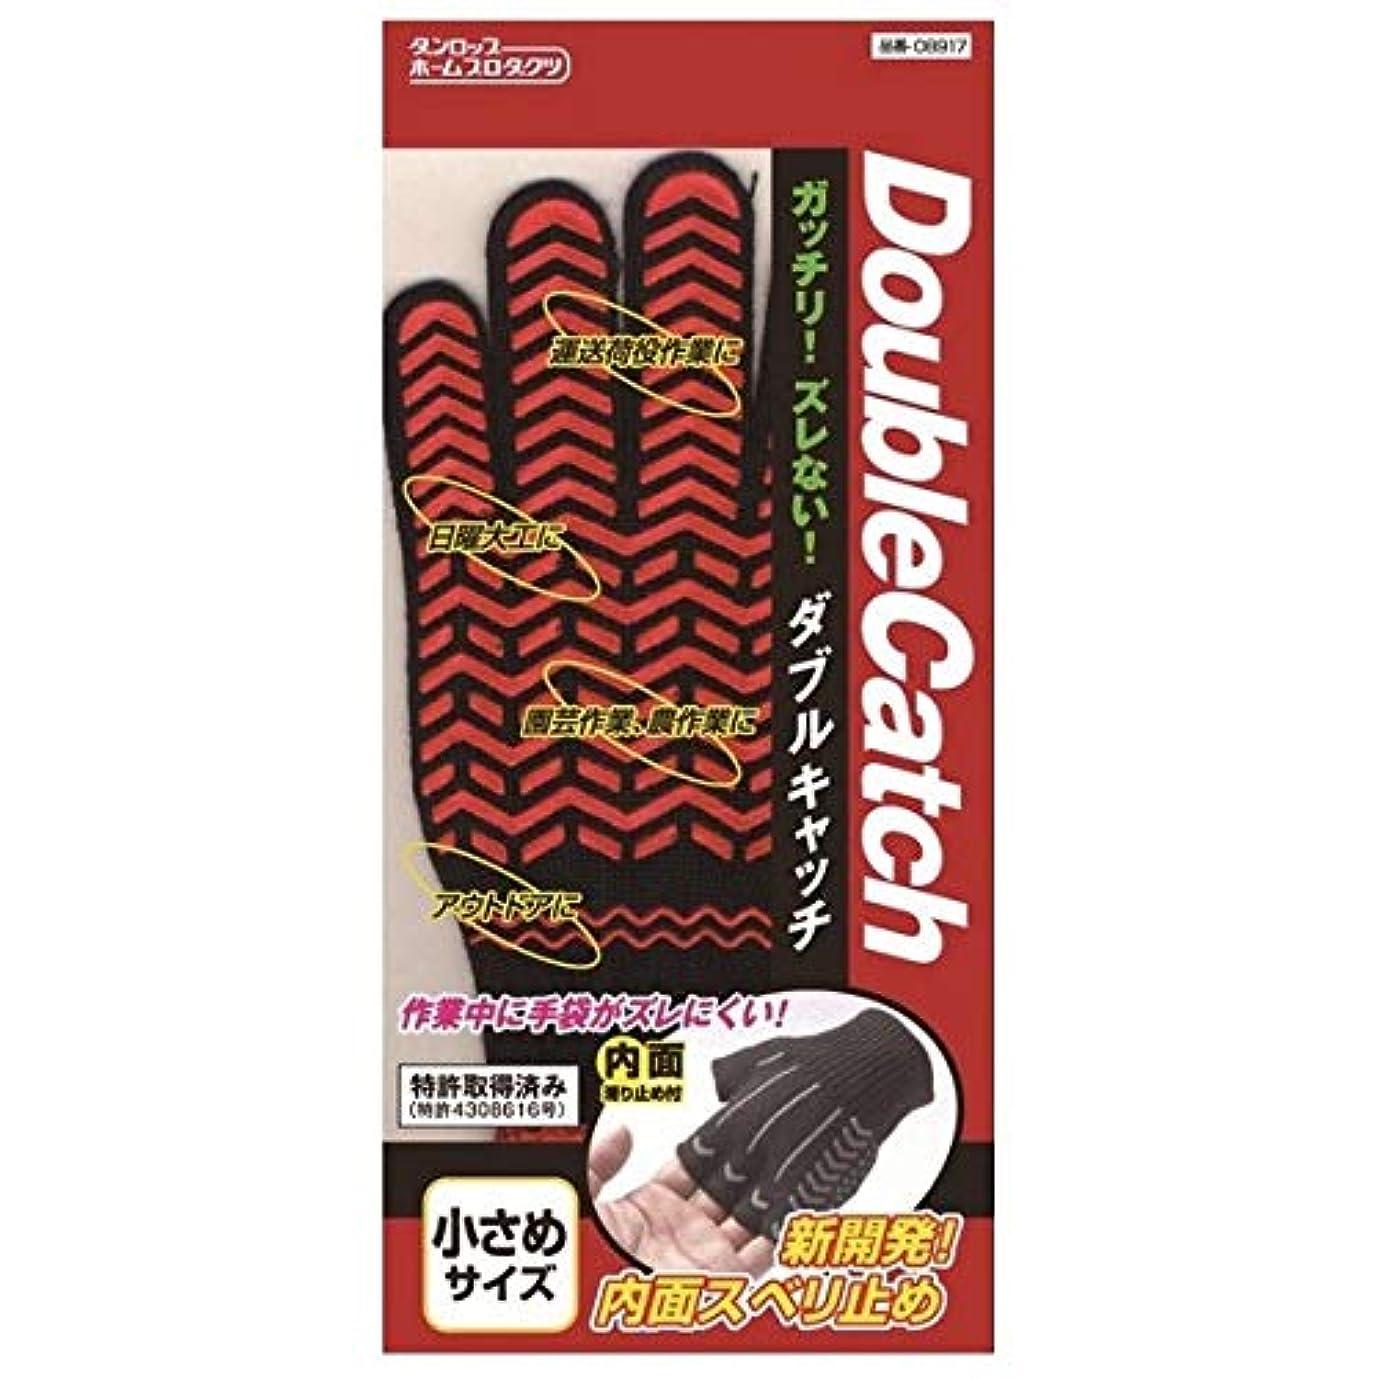 気晴らし社説到着ダンロップ ダブルキャッチ 手袋 小さめサイズ レッド 10双×12袋(120双)